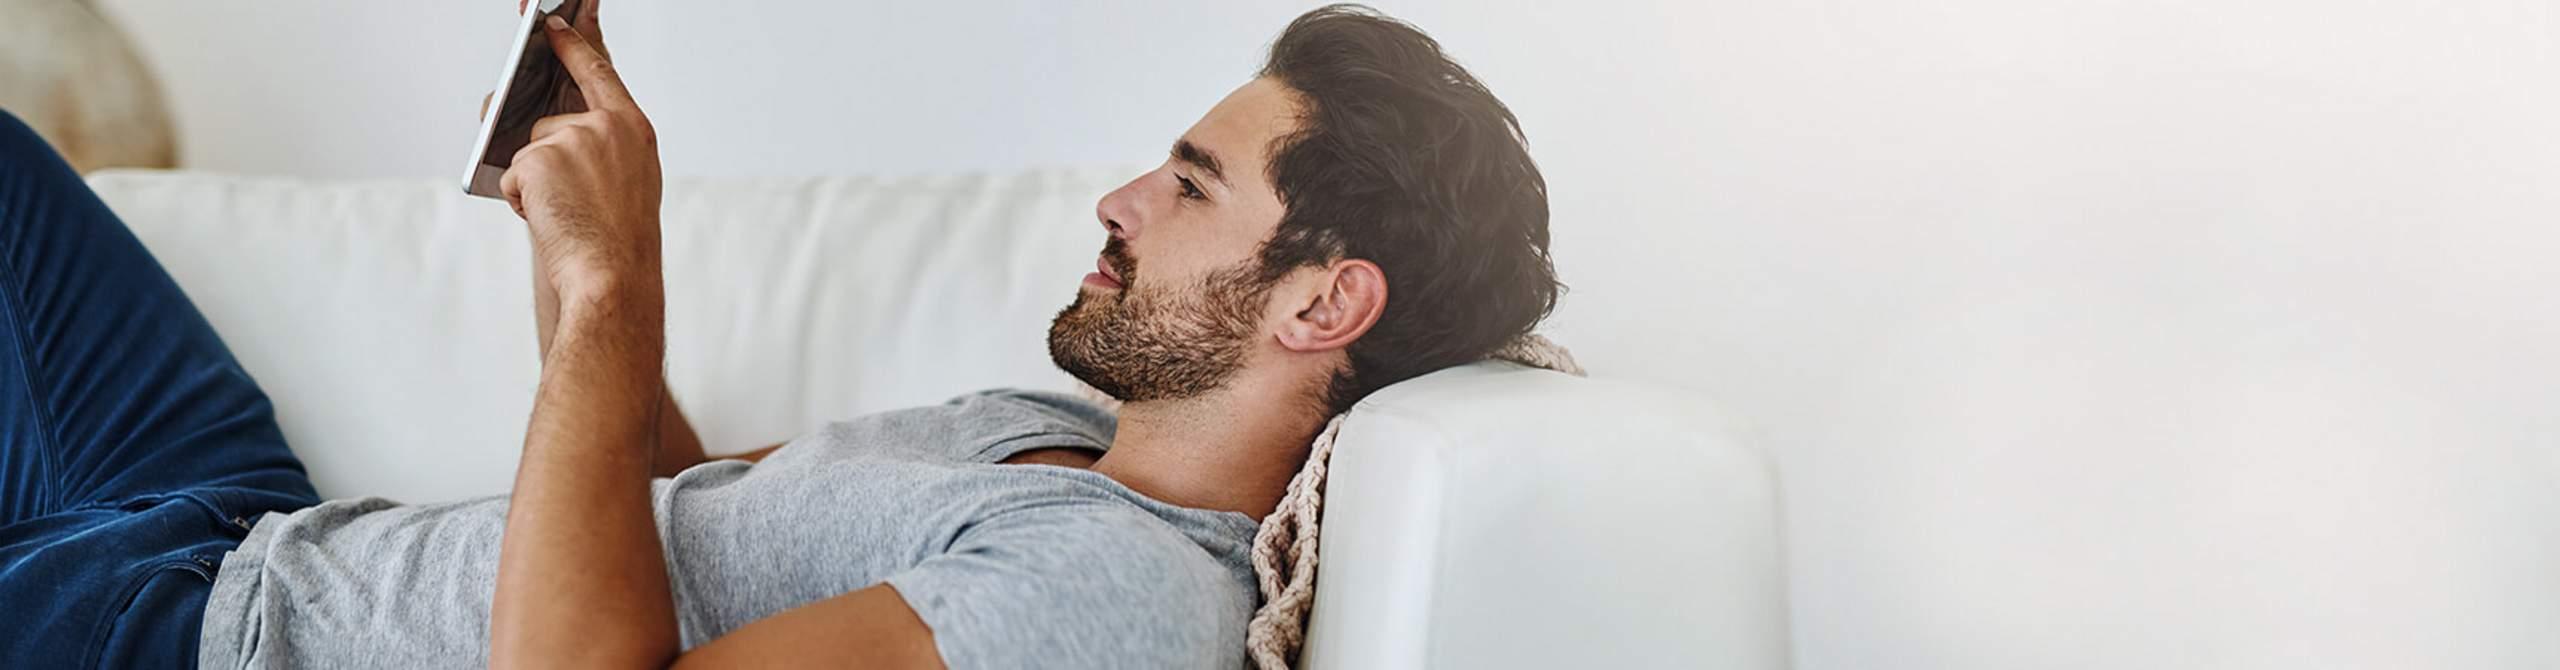 Mann liegt auf dem Sofa und schaut auf sein Smartphone.